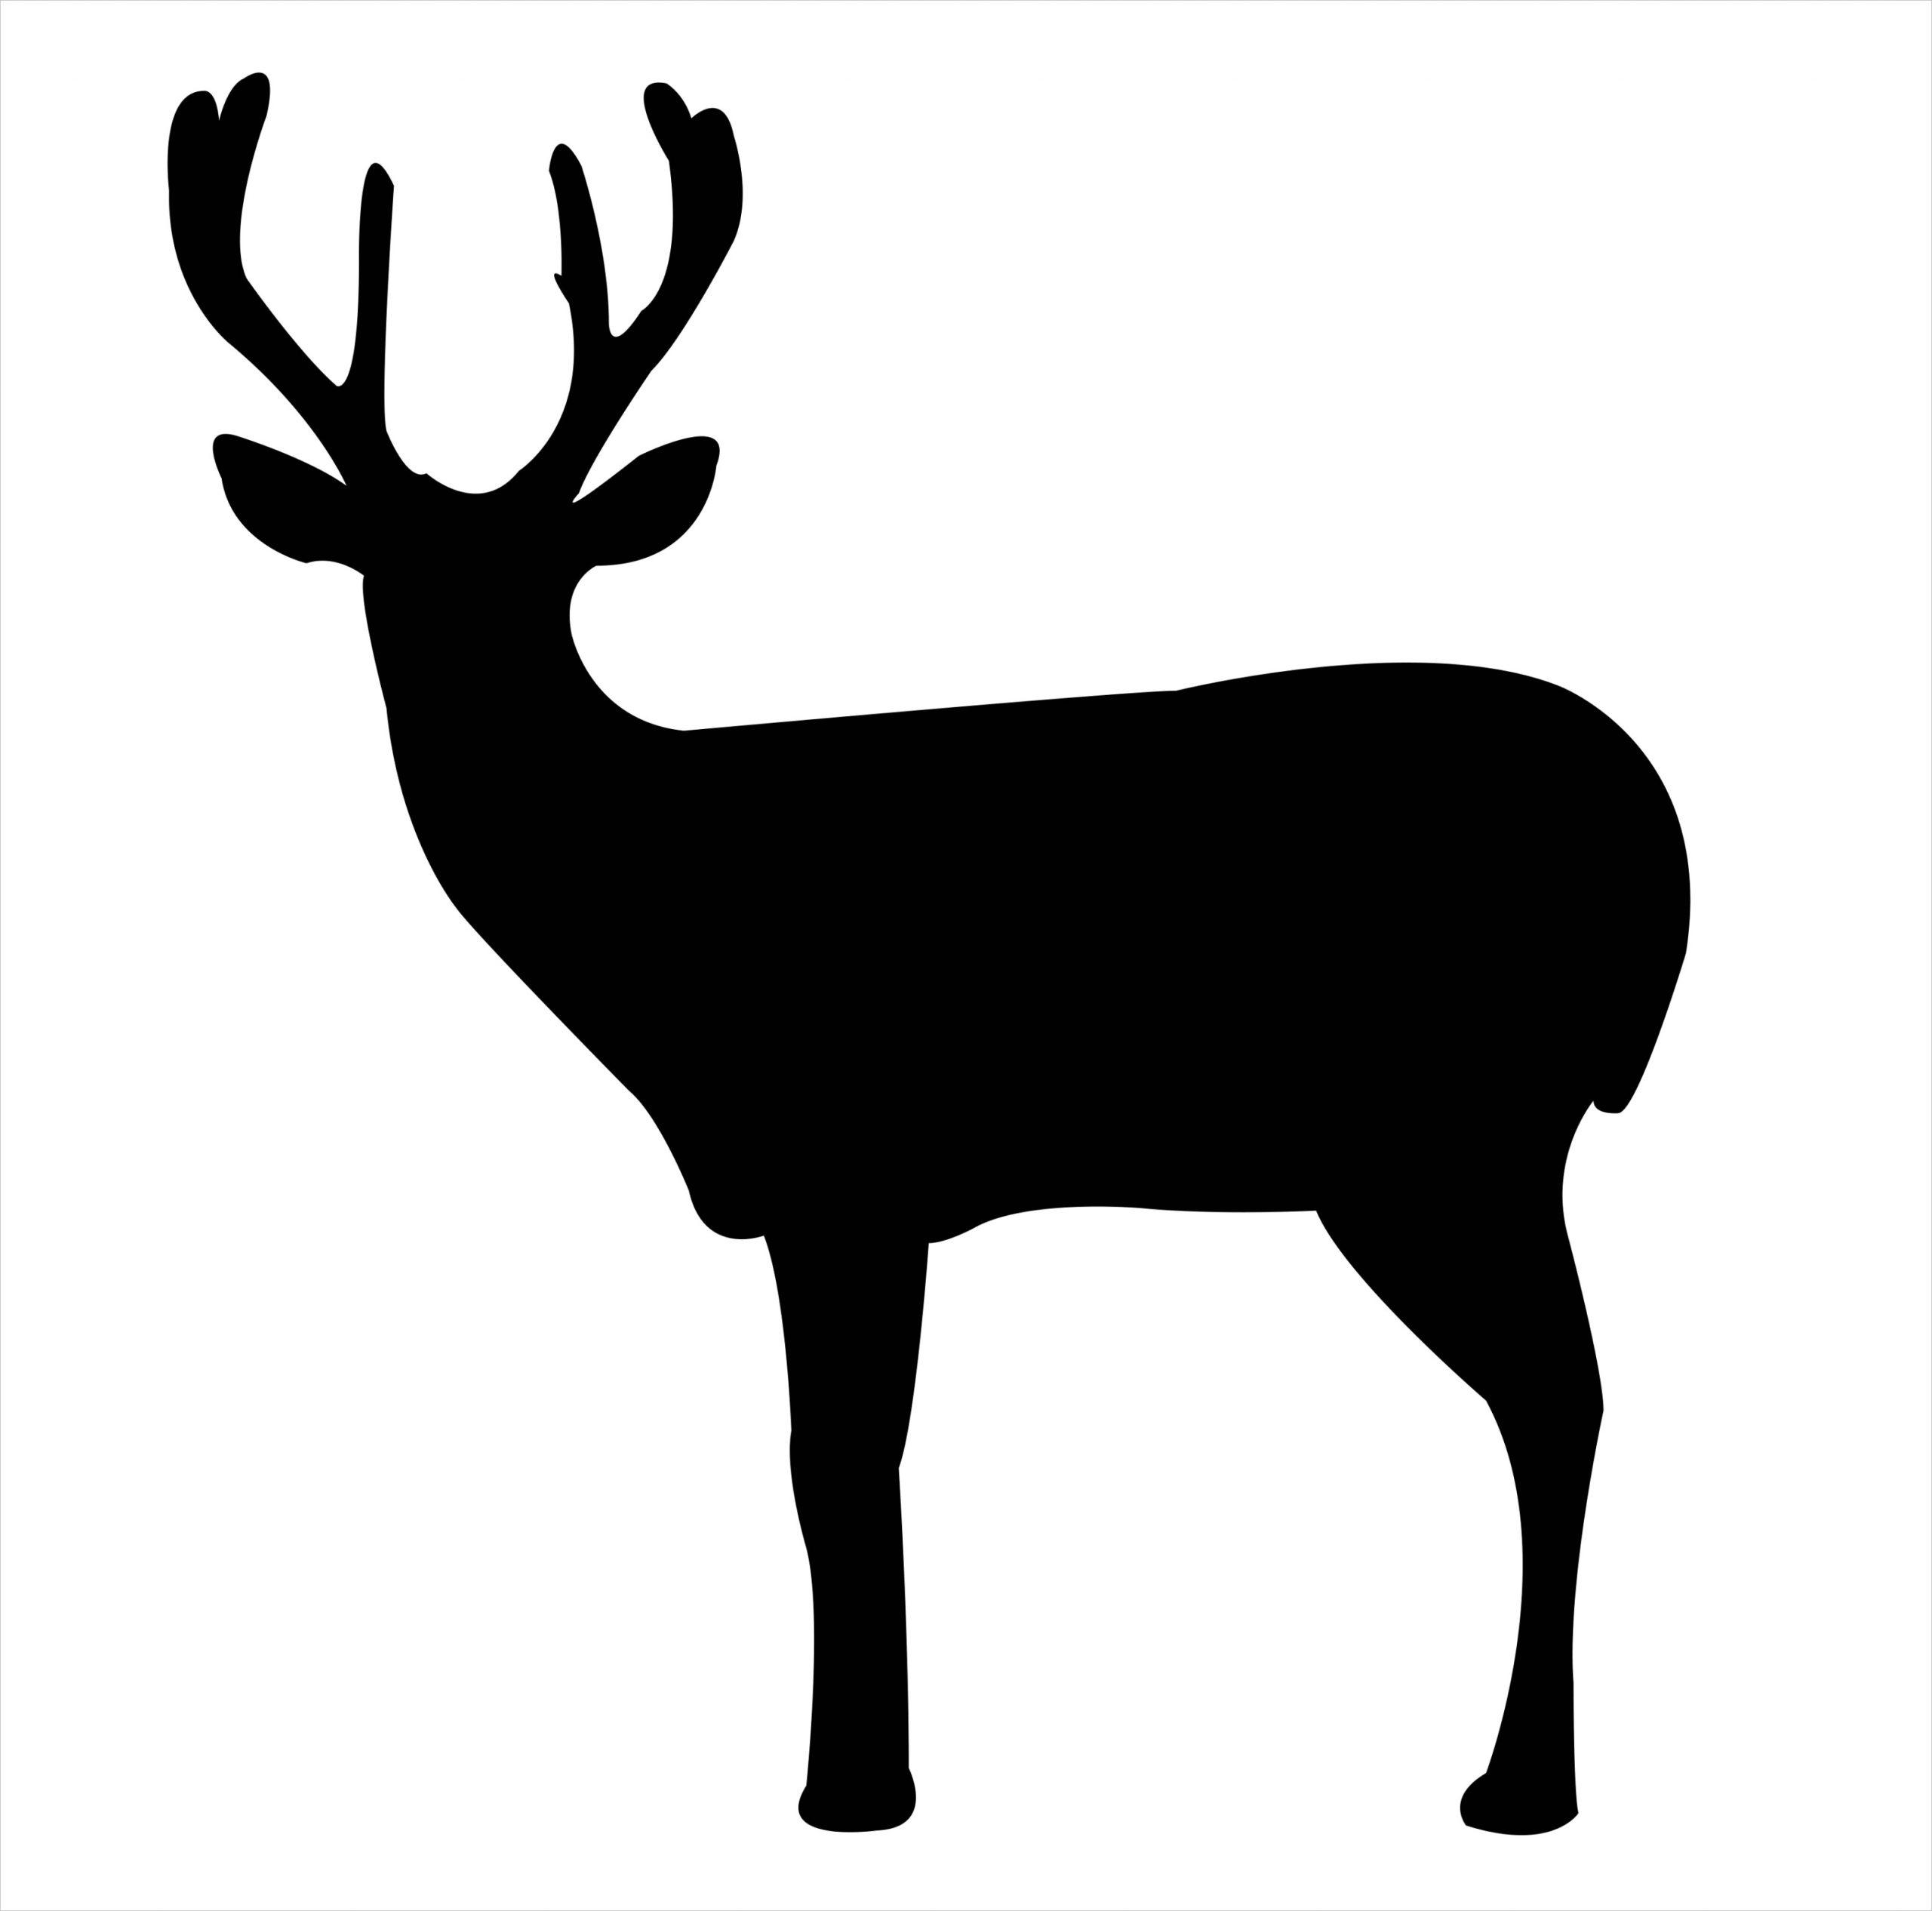 black deer silhouette free dxf file